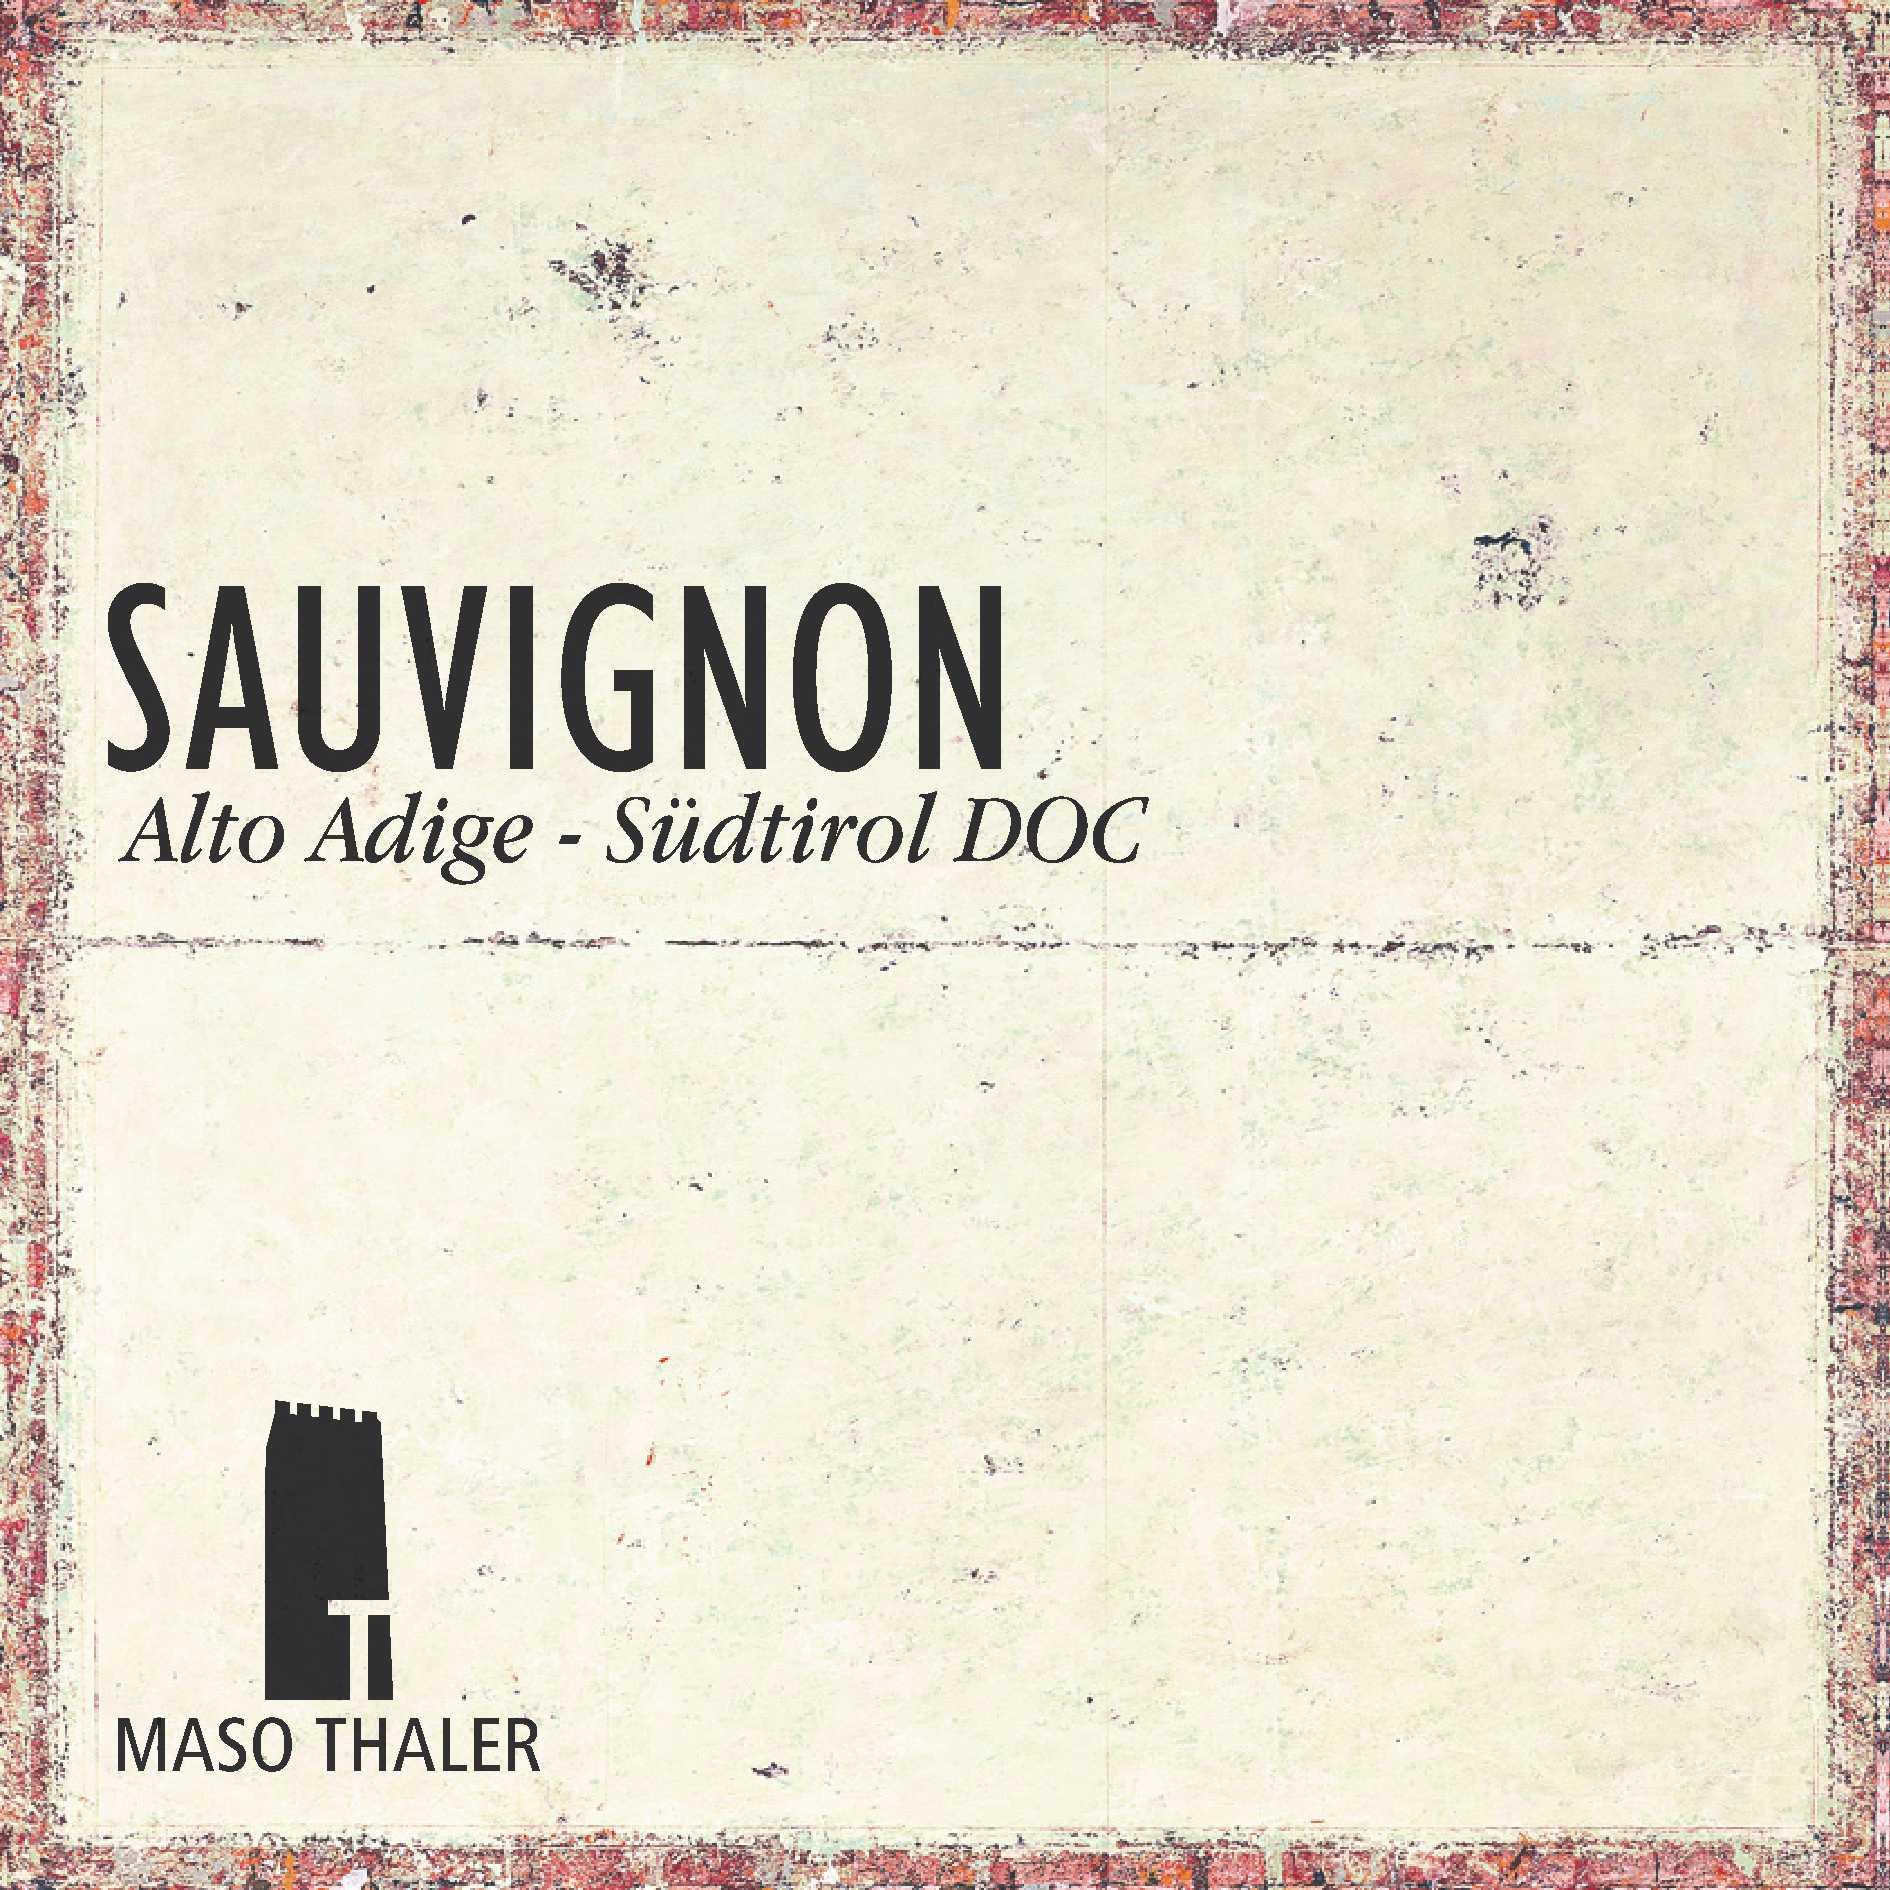 SauvignonAlto-Adige / Südtirol DOC -